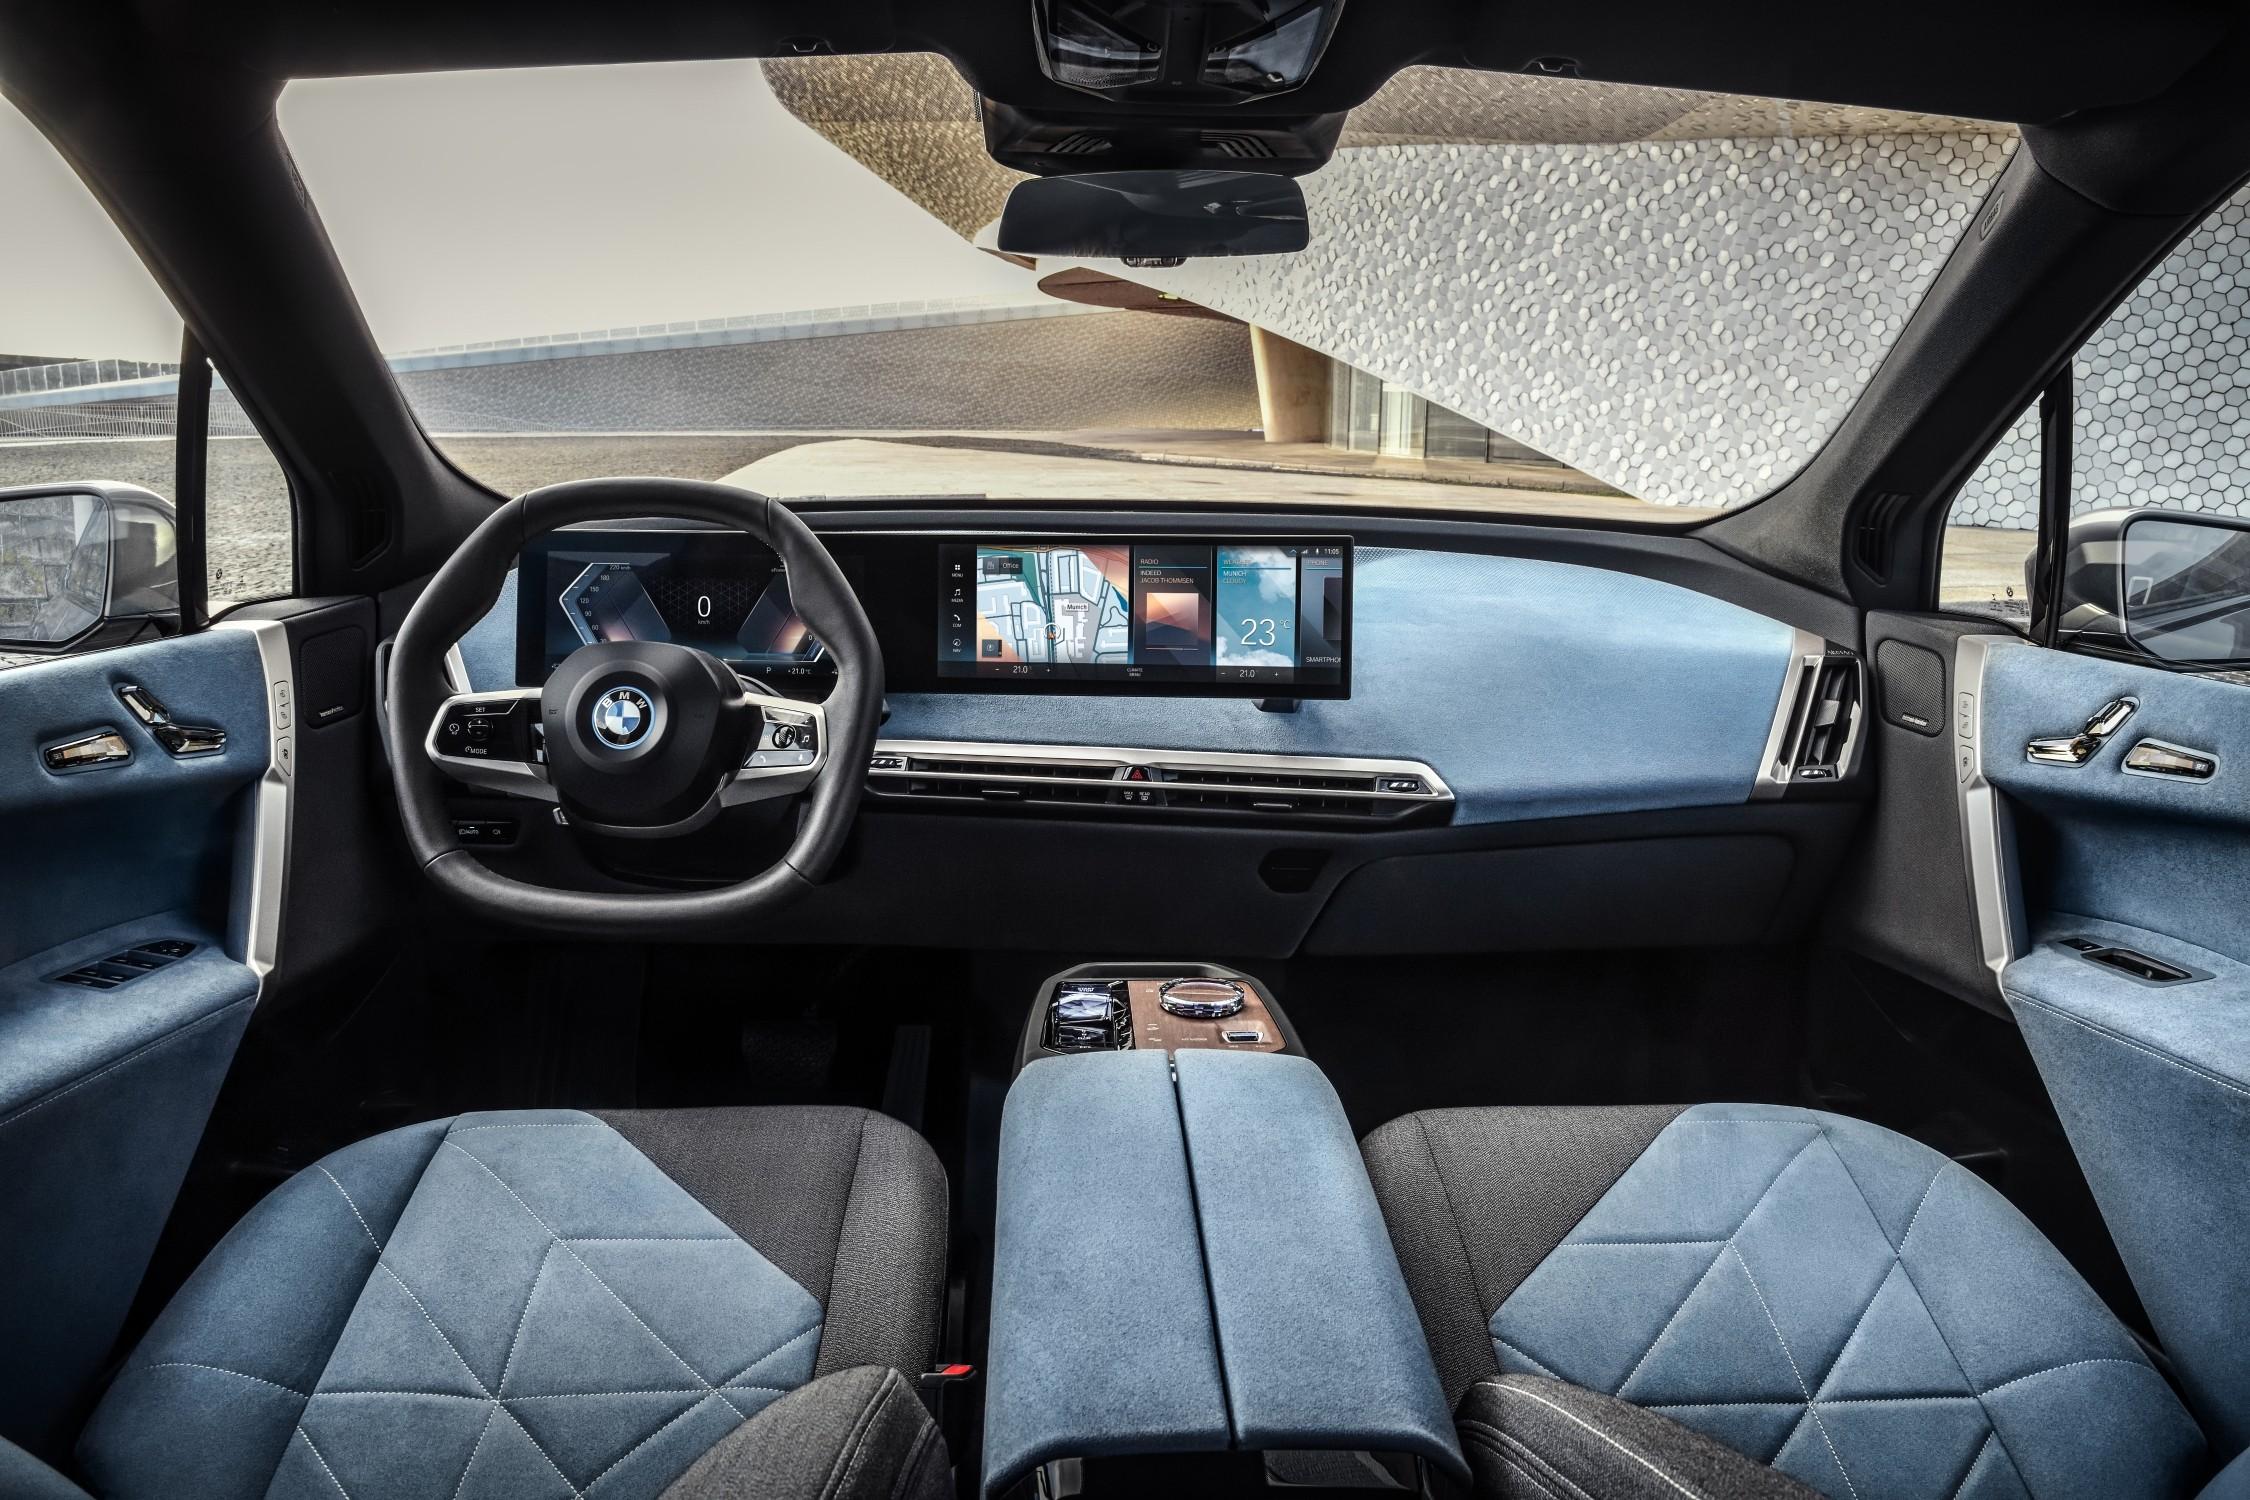 BMW將iX車室視為生活空間的延伸,以一體式曲面液晶顯示幕搭配北歐豪華設計家居般的座椅內裝鋪陳與全景式玻璃車頂。